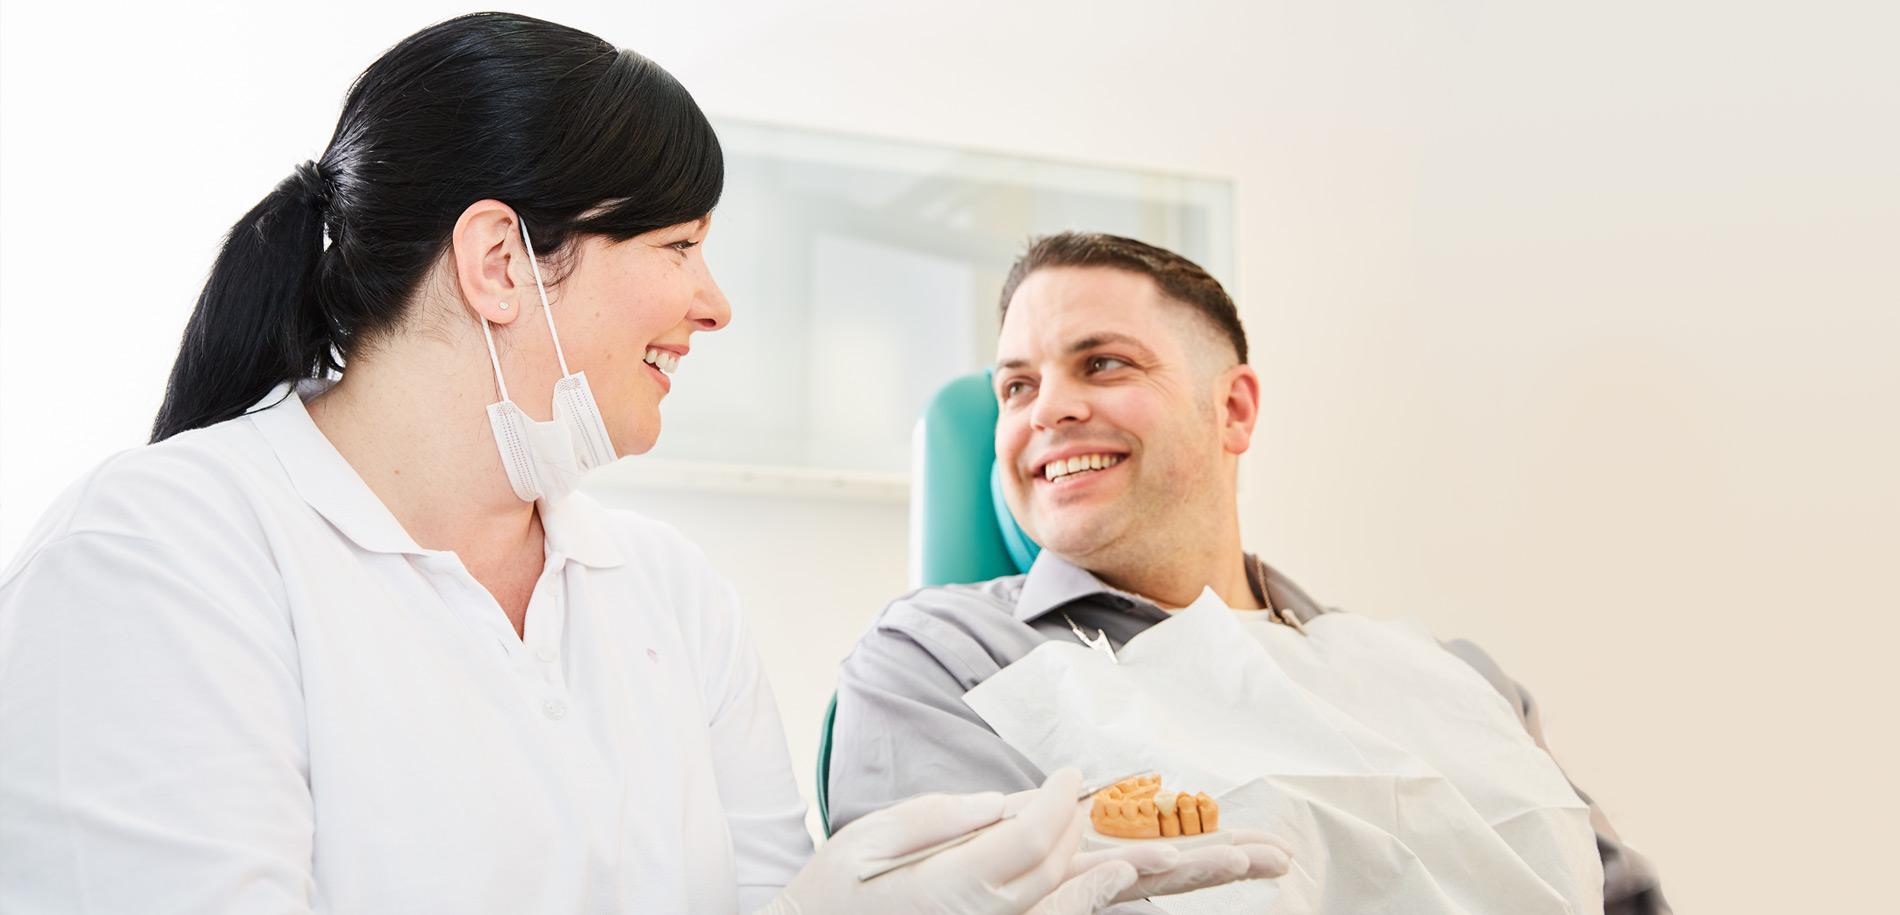 Zahnarztpraxis  Zahnrhein in Walluf - Leistungen 1